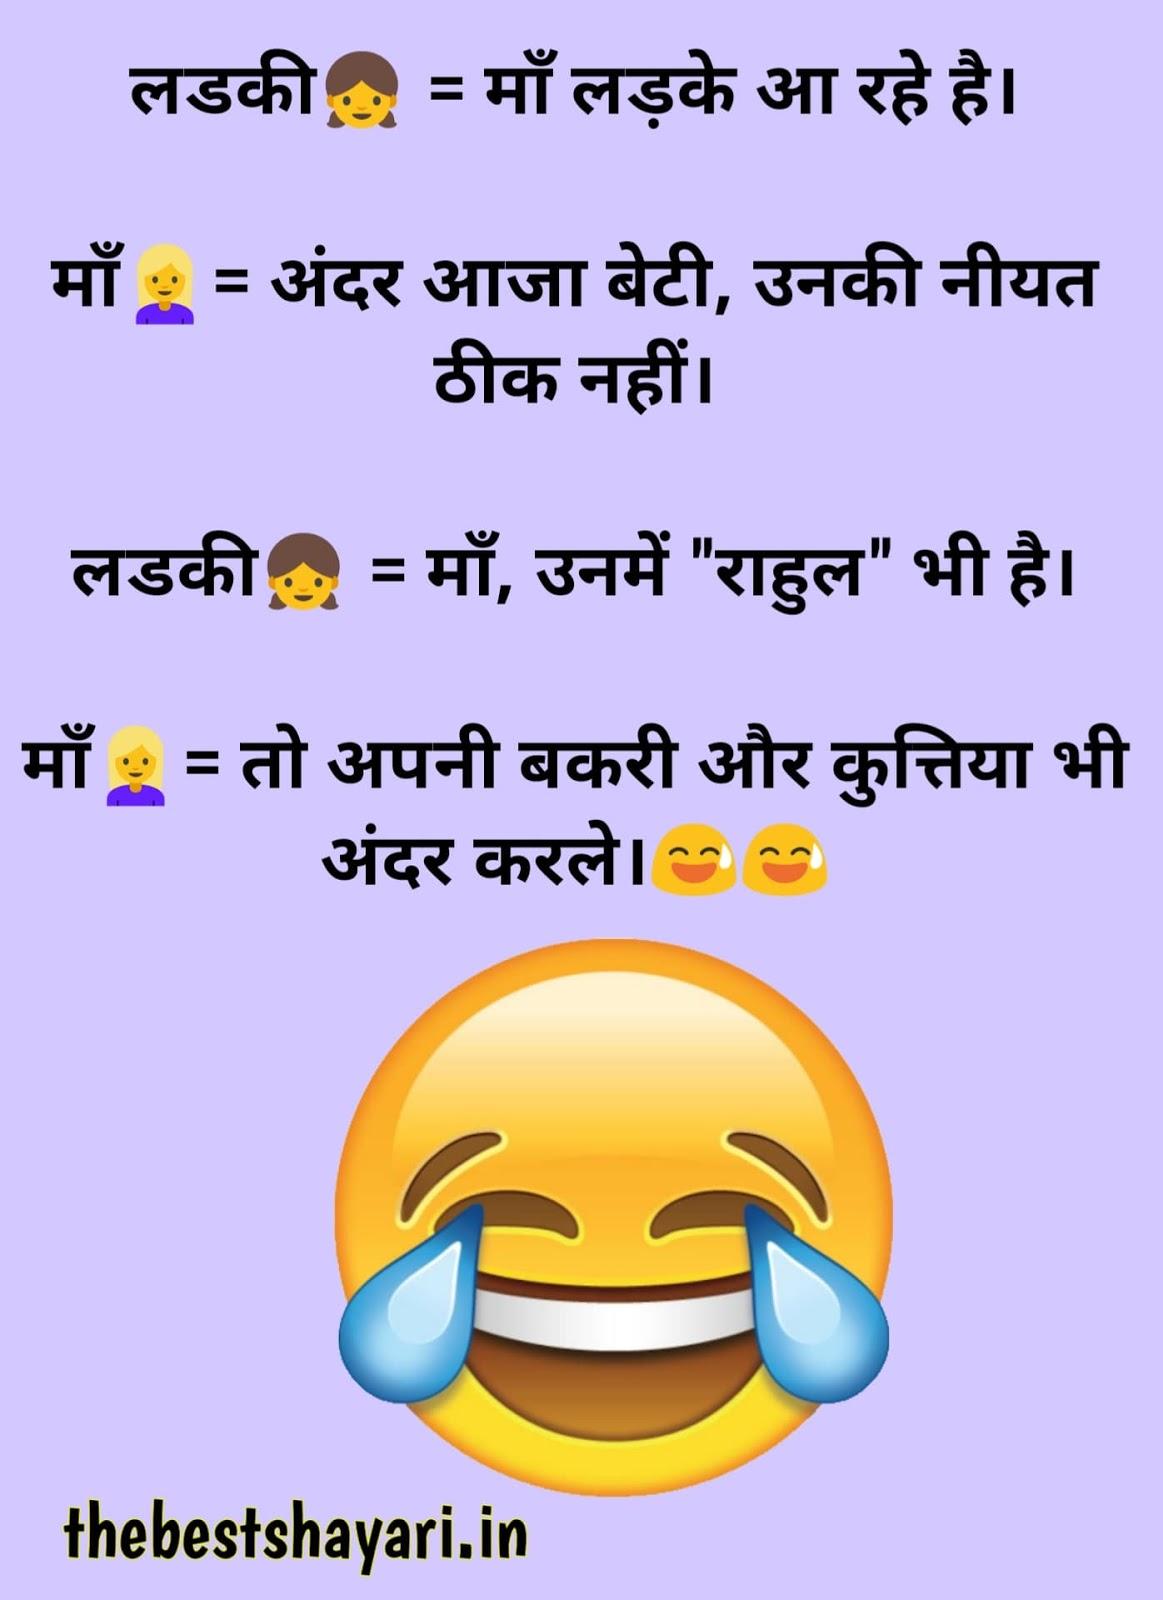 Chutkule in Hindi funny